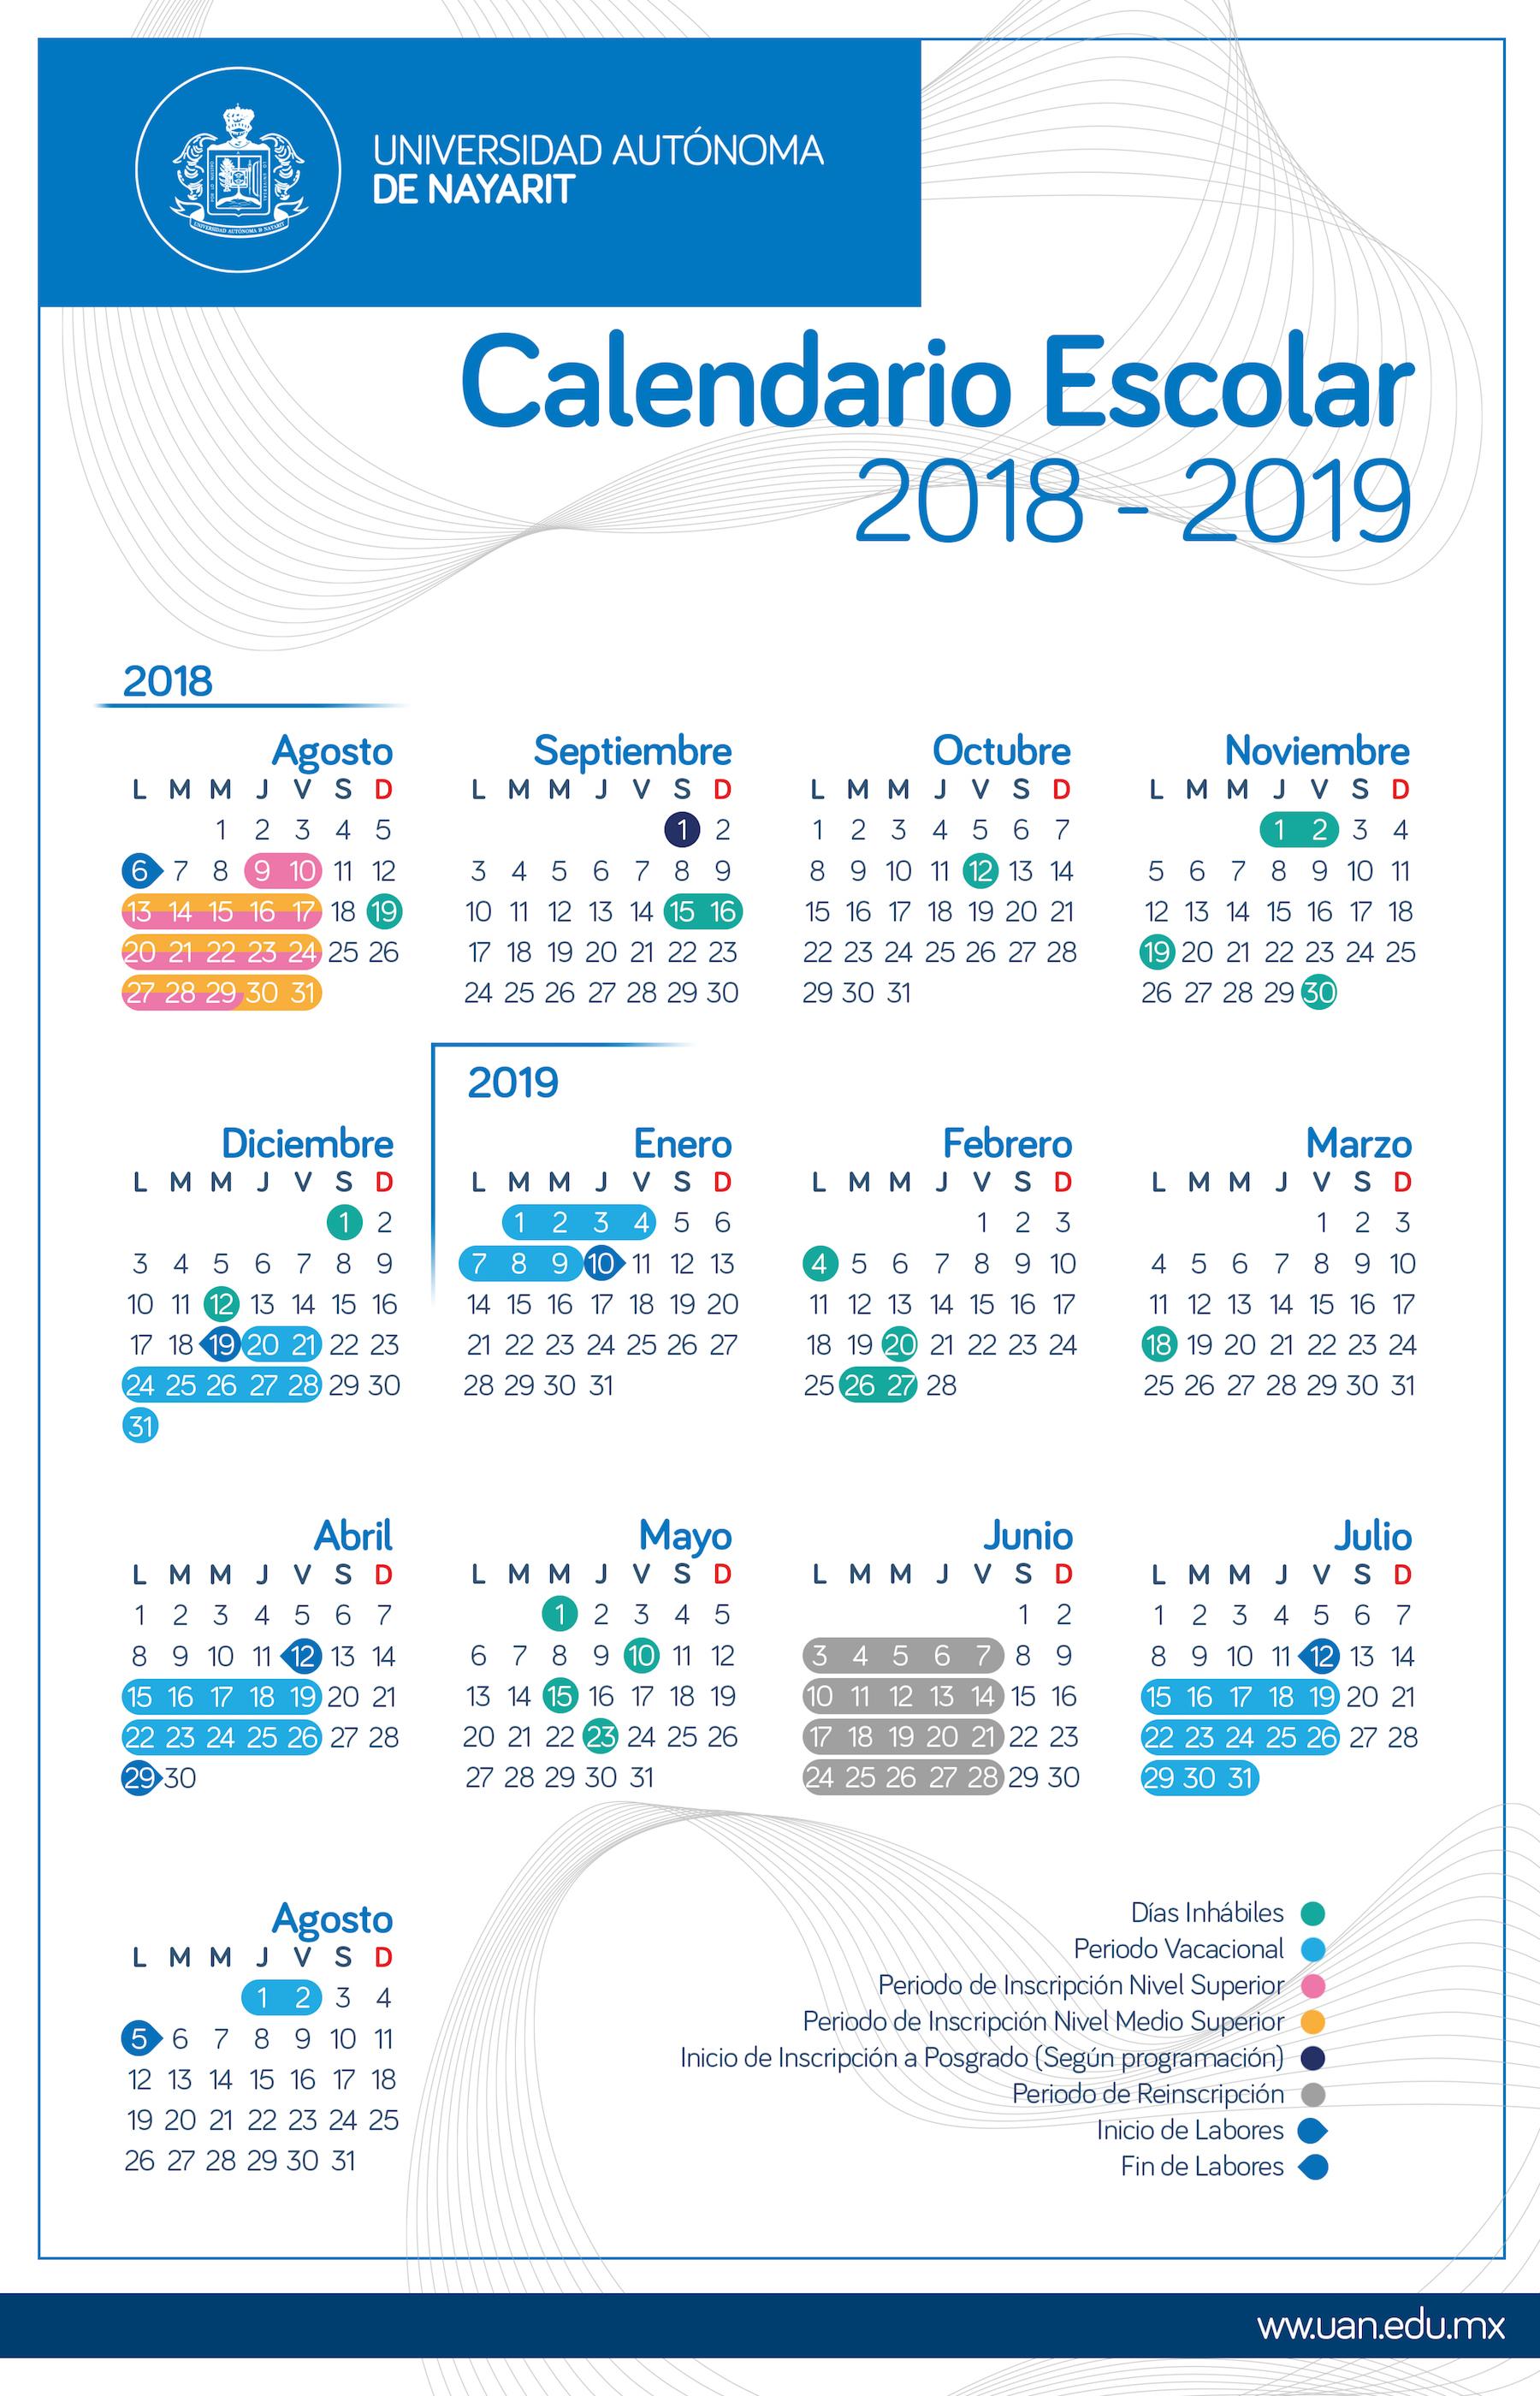 Calendario Escolar UAN 2018-2019